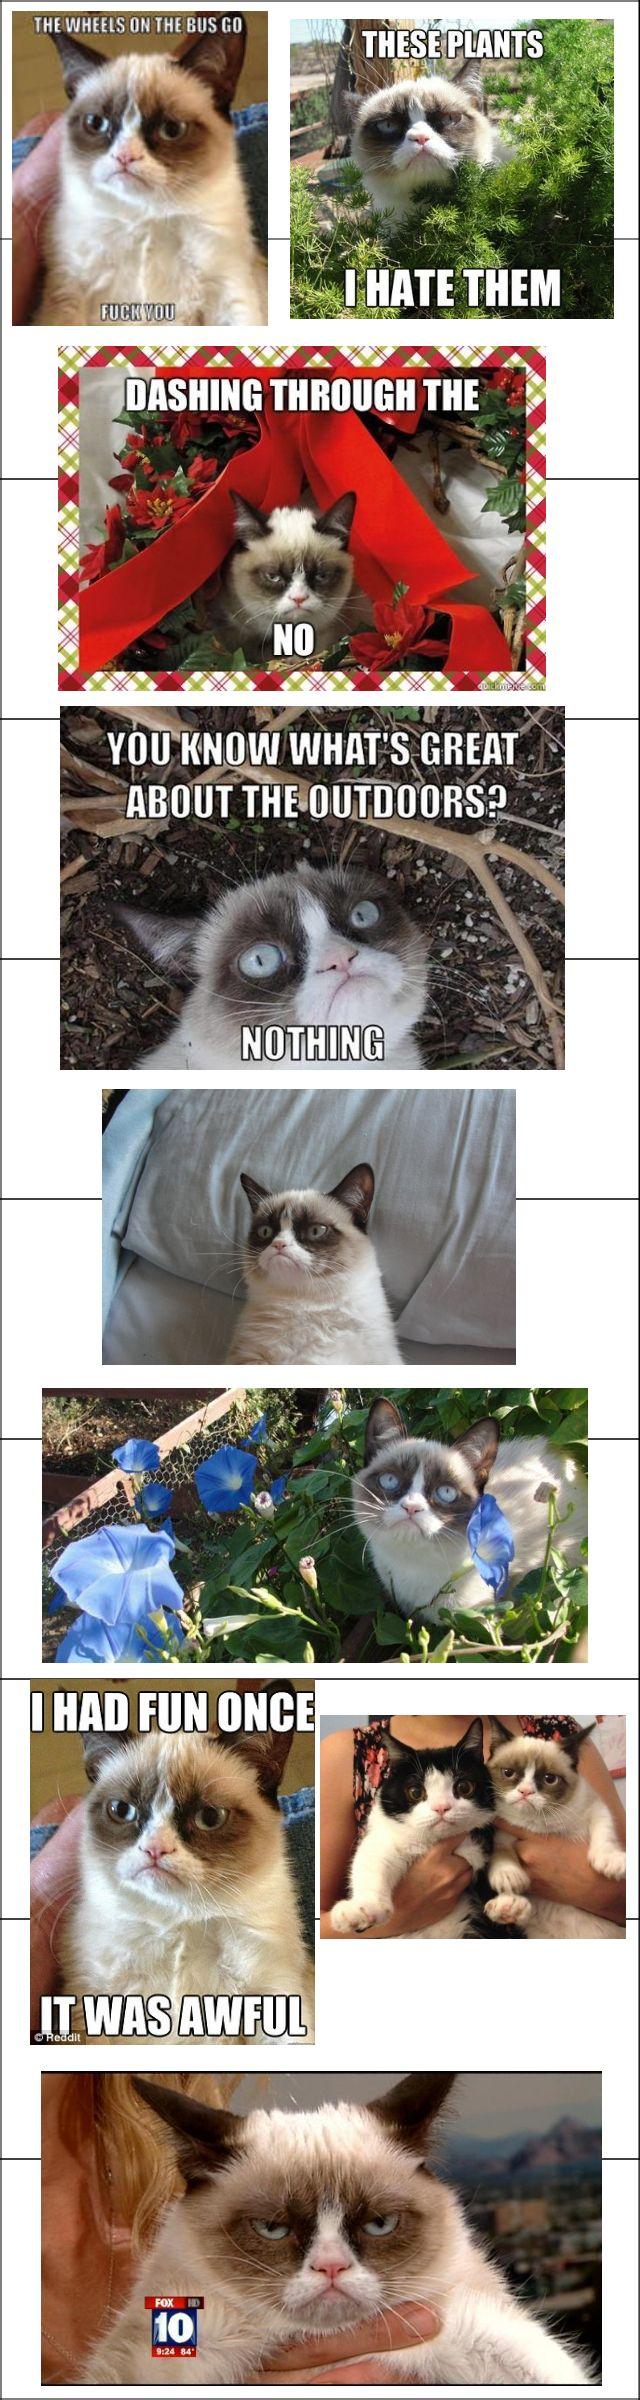 This Grumpy Cat kills me!